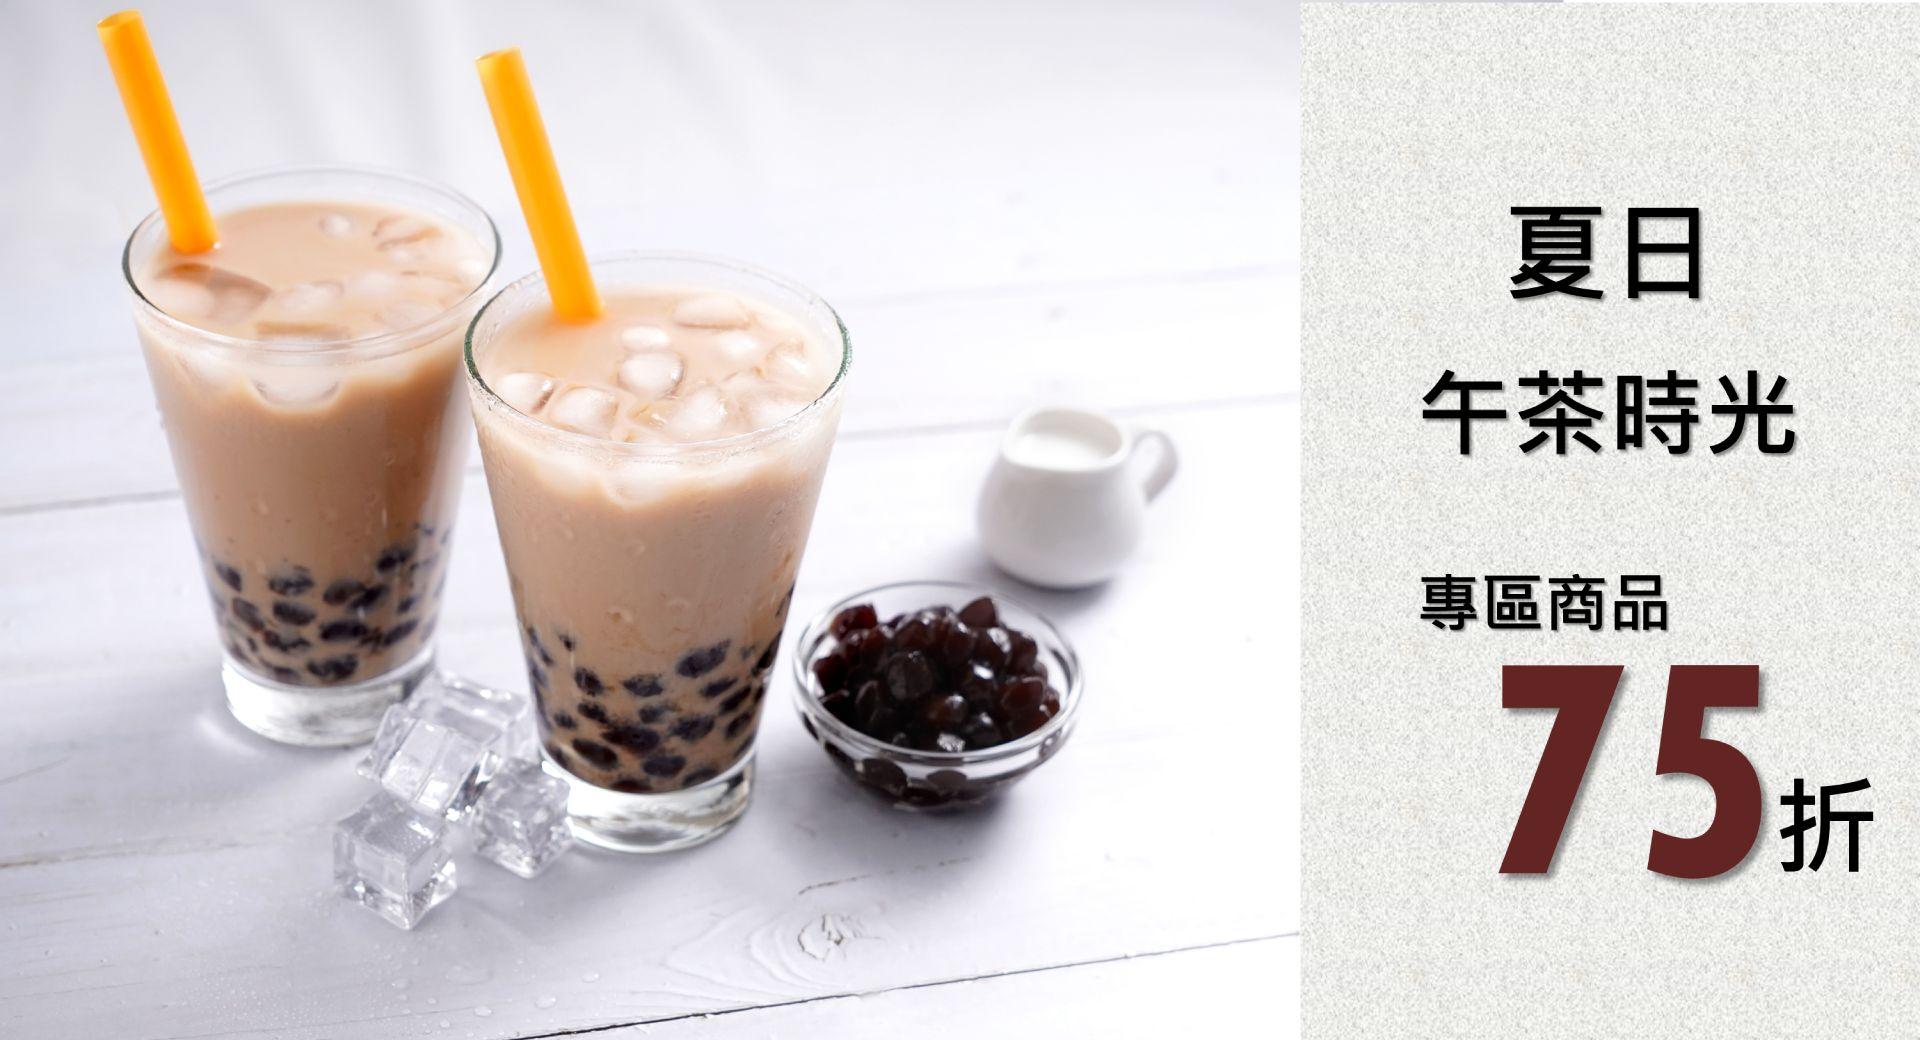 3點1刻,夏日午茶時光,Q彈珍珠奶茶及燕麥紅茶豆奶等專區商品可享75折,領券滿額最高可再折100元。